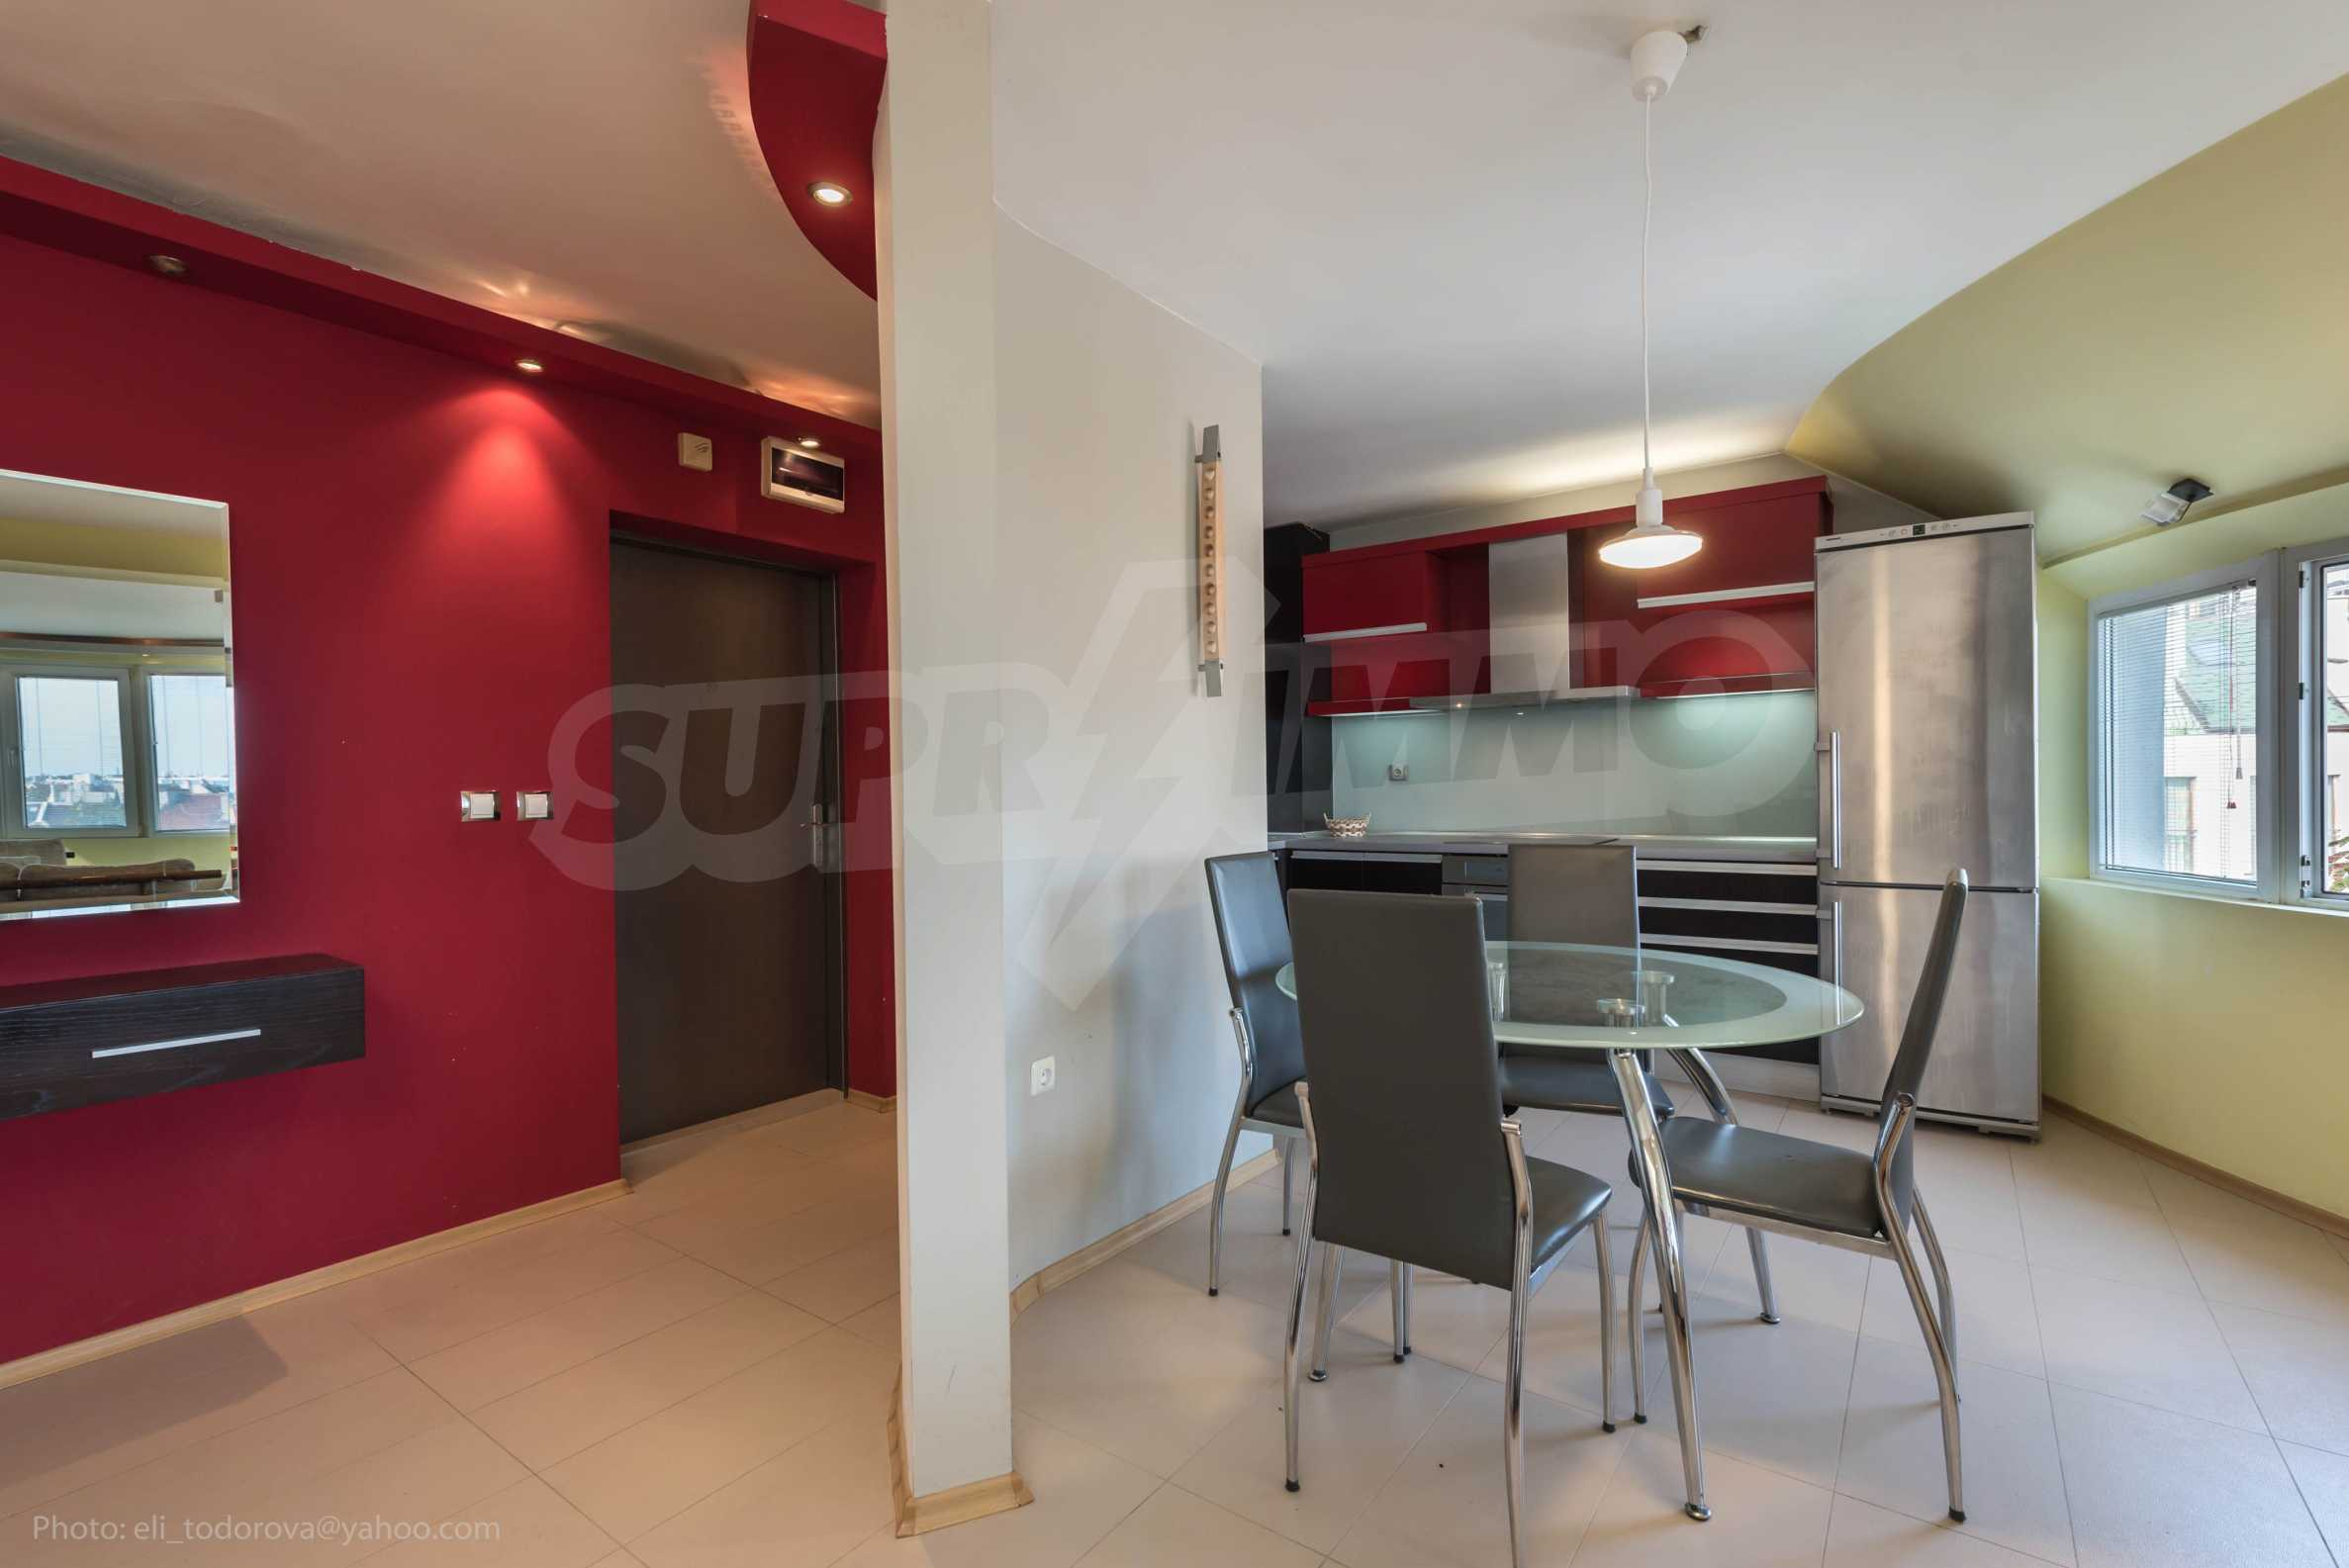 Квартира «Миша» - отличная трехкомнатная недвижимость в идеальном центре. 4